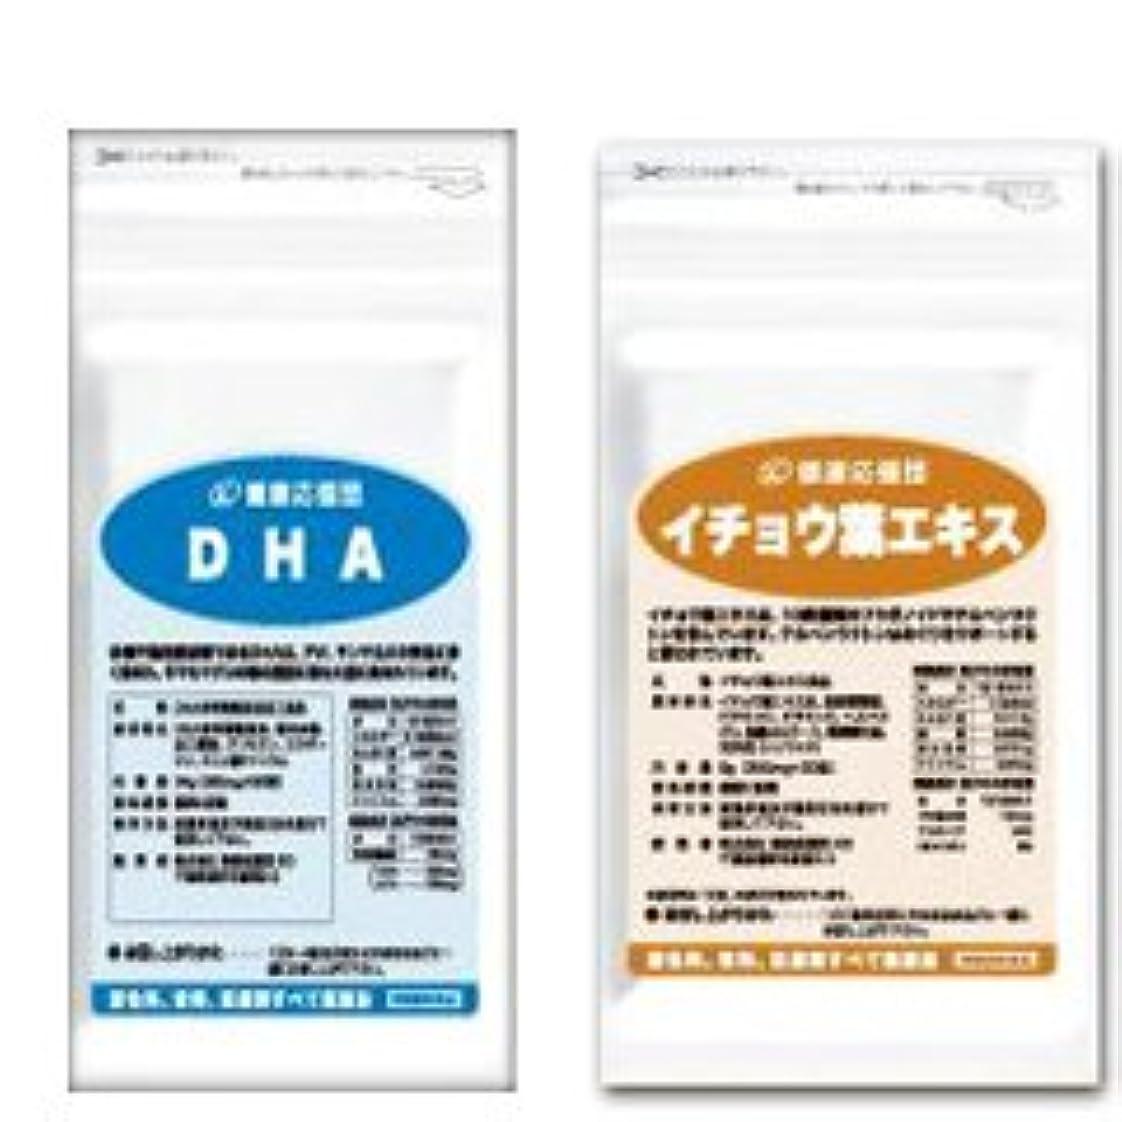 モルヒネ本物の労働(お徳用6か月分)サラサラ巡りセット DHA + イチョウ葉エキス 6袋セット (DHA?EPA?イチョウ葉?ビタミンC?ビタミンE?ビタミンP配合)